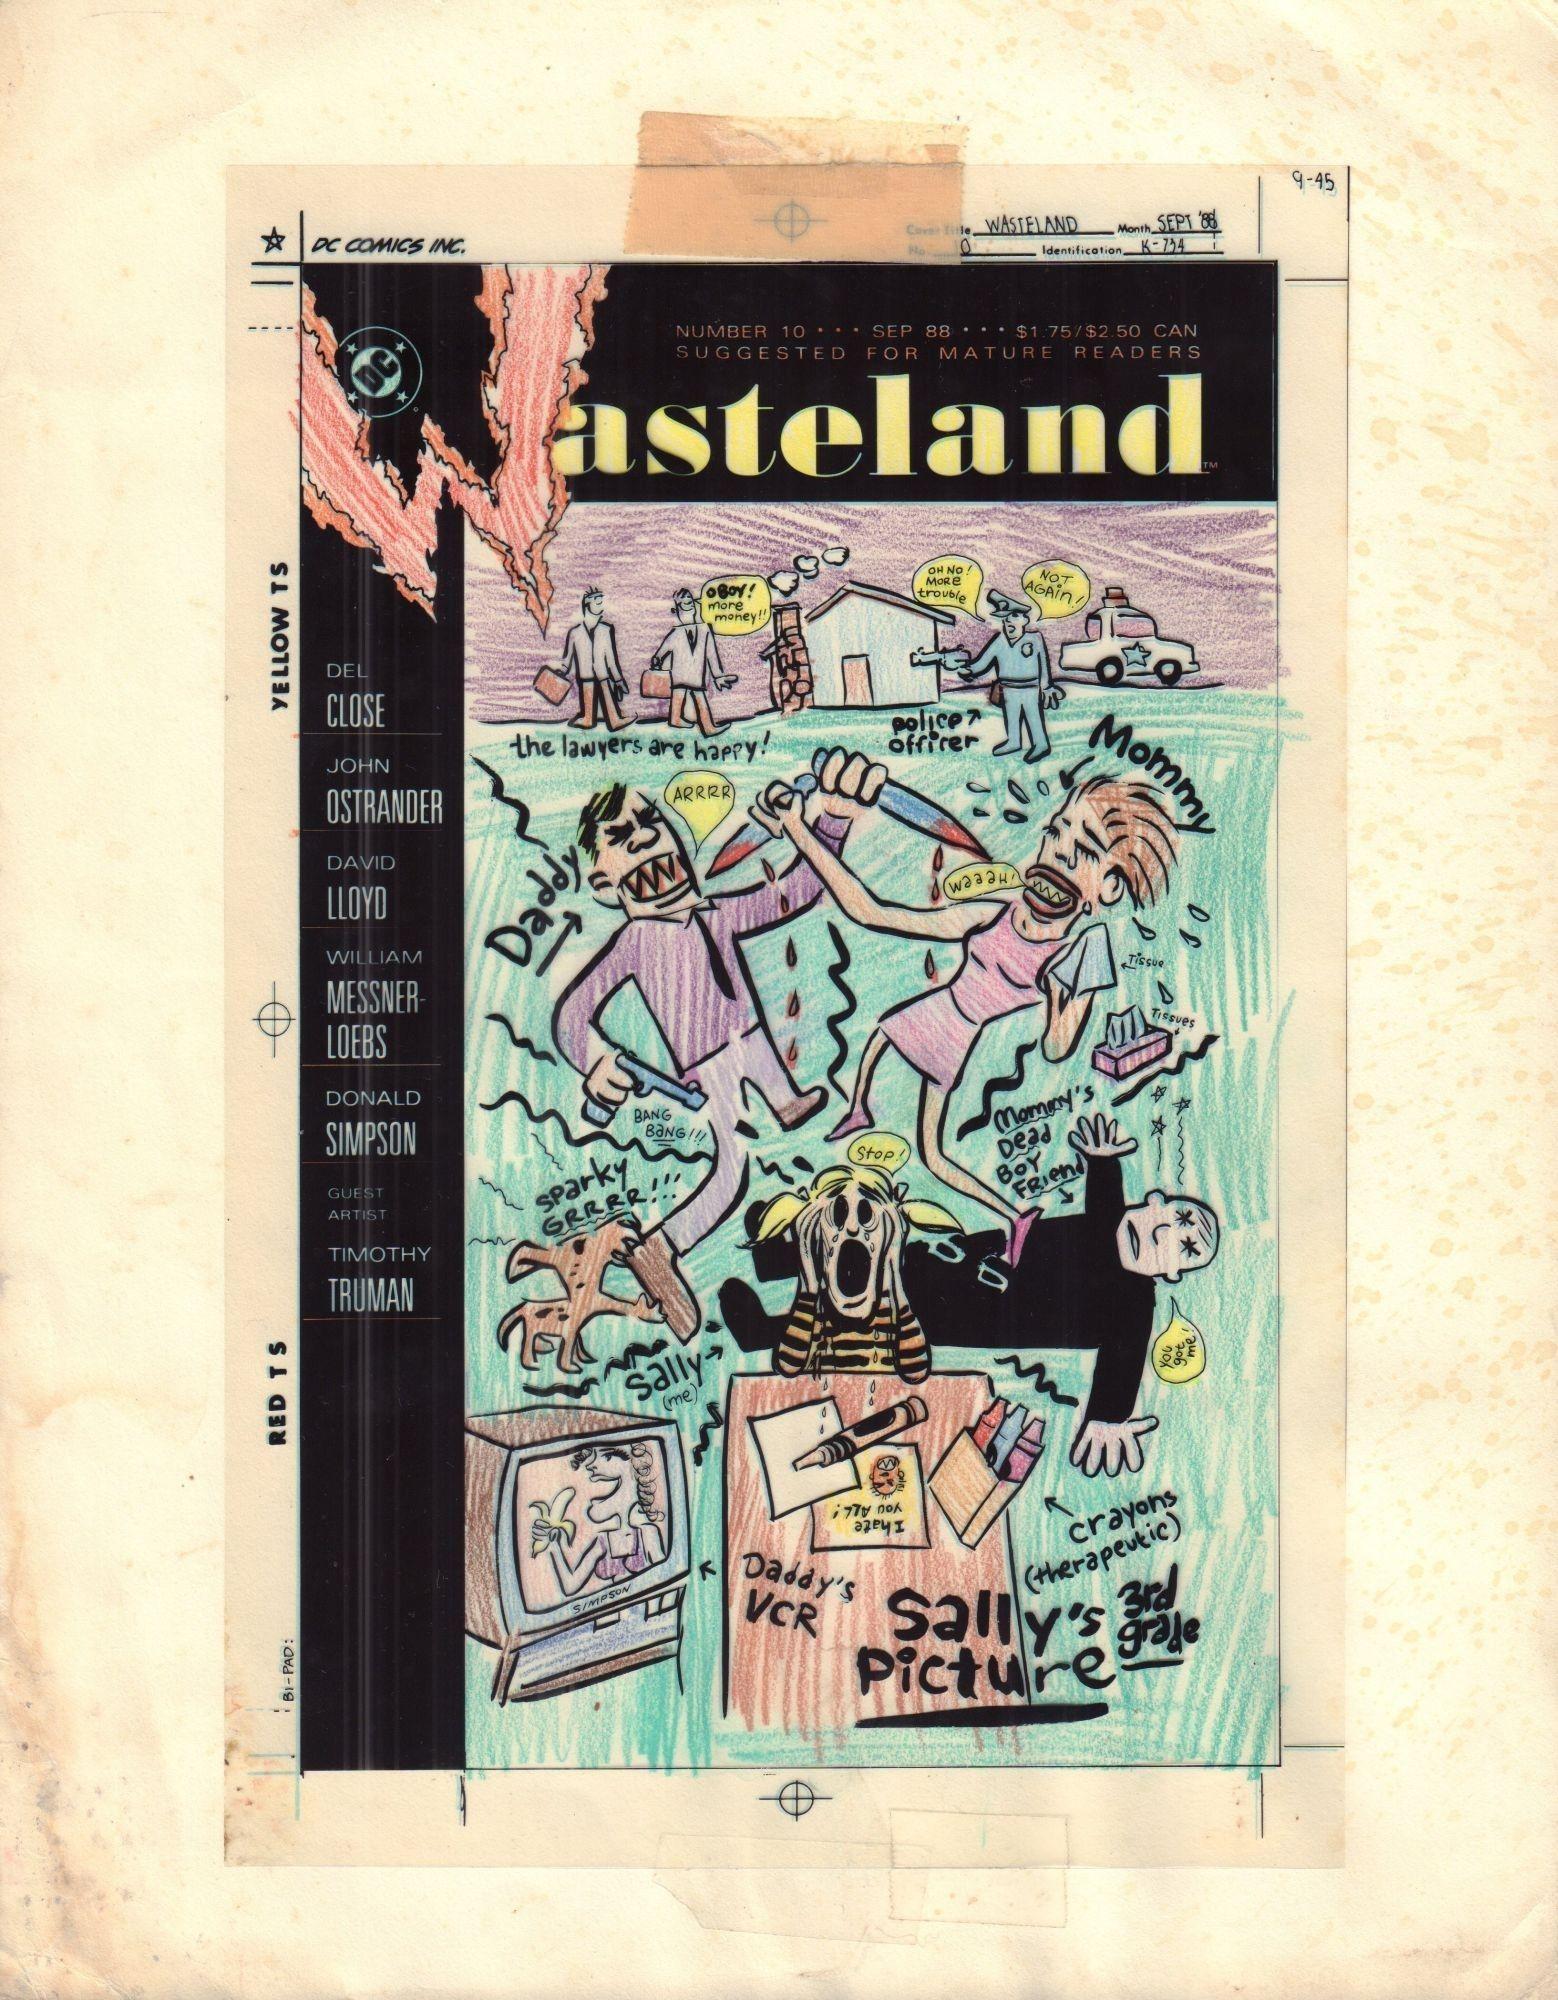 Wasteland #10 - okładka, kolor i diapozytyw